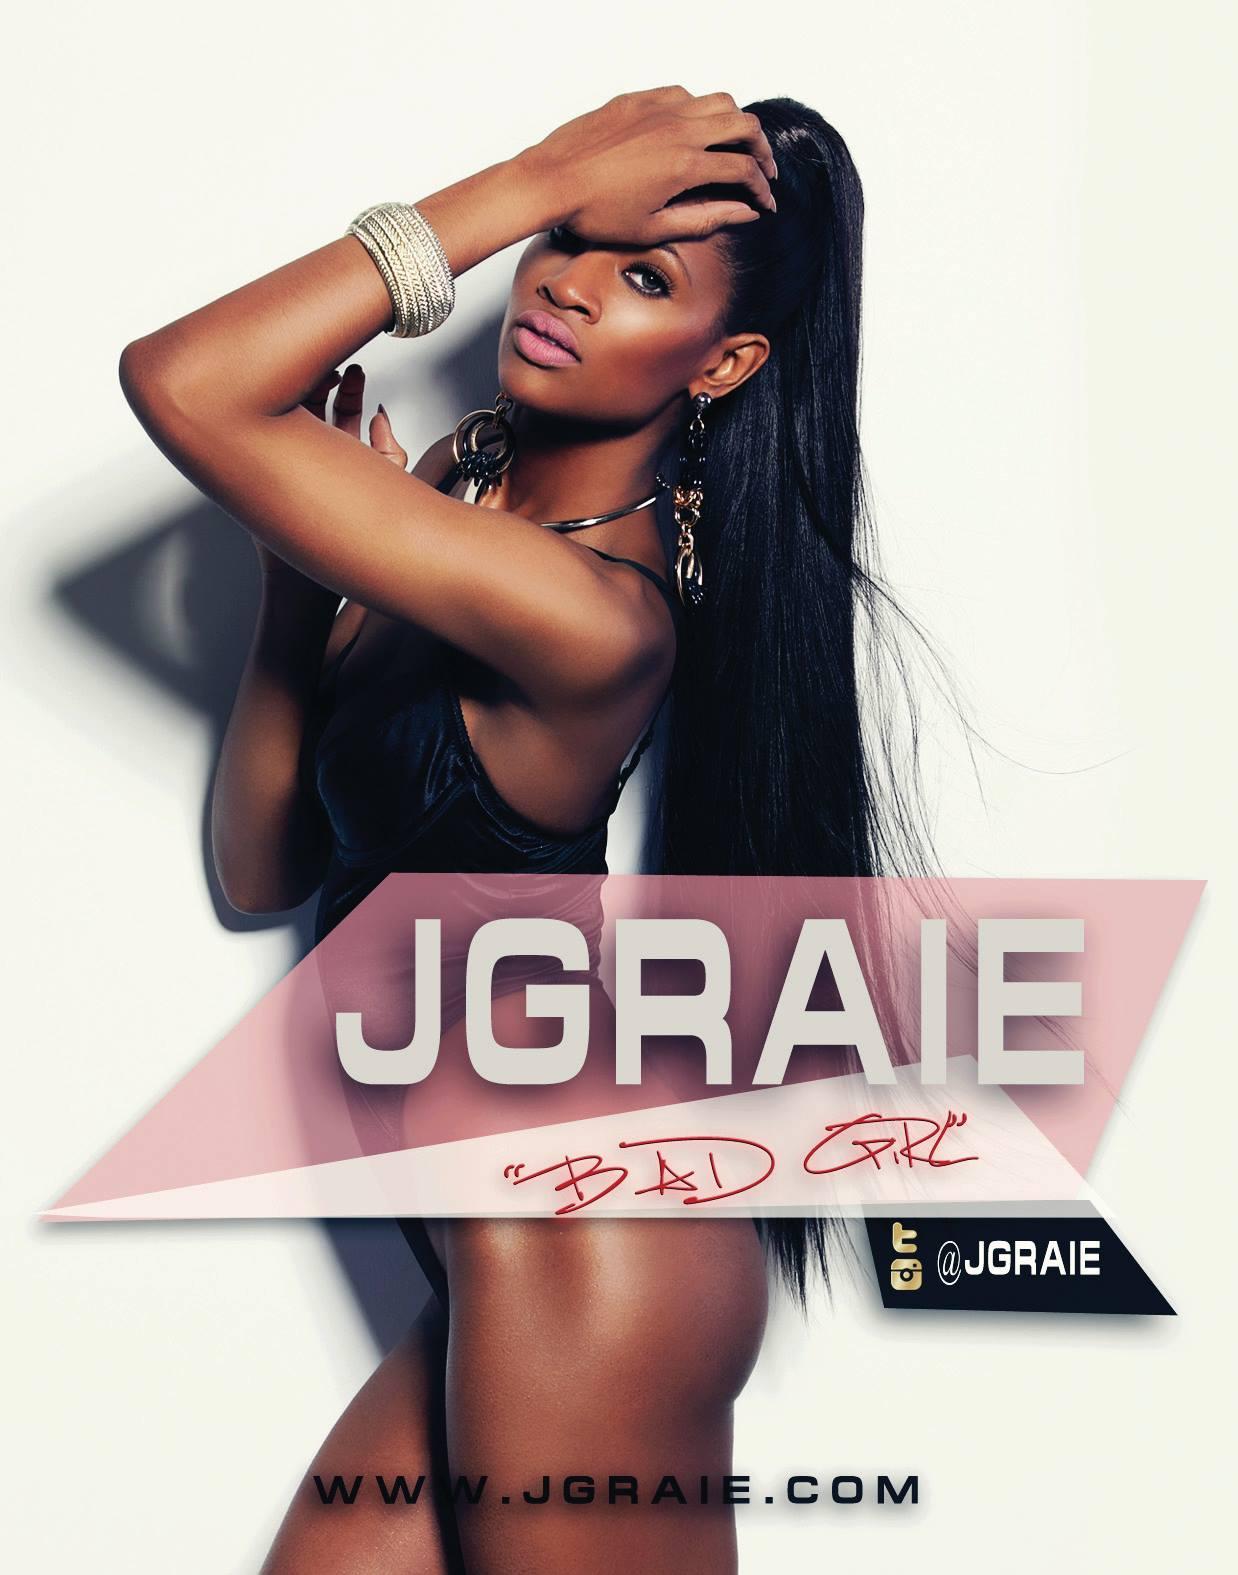 JGraie Poster Design